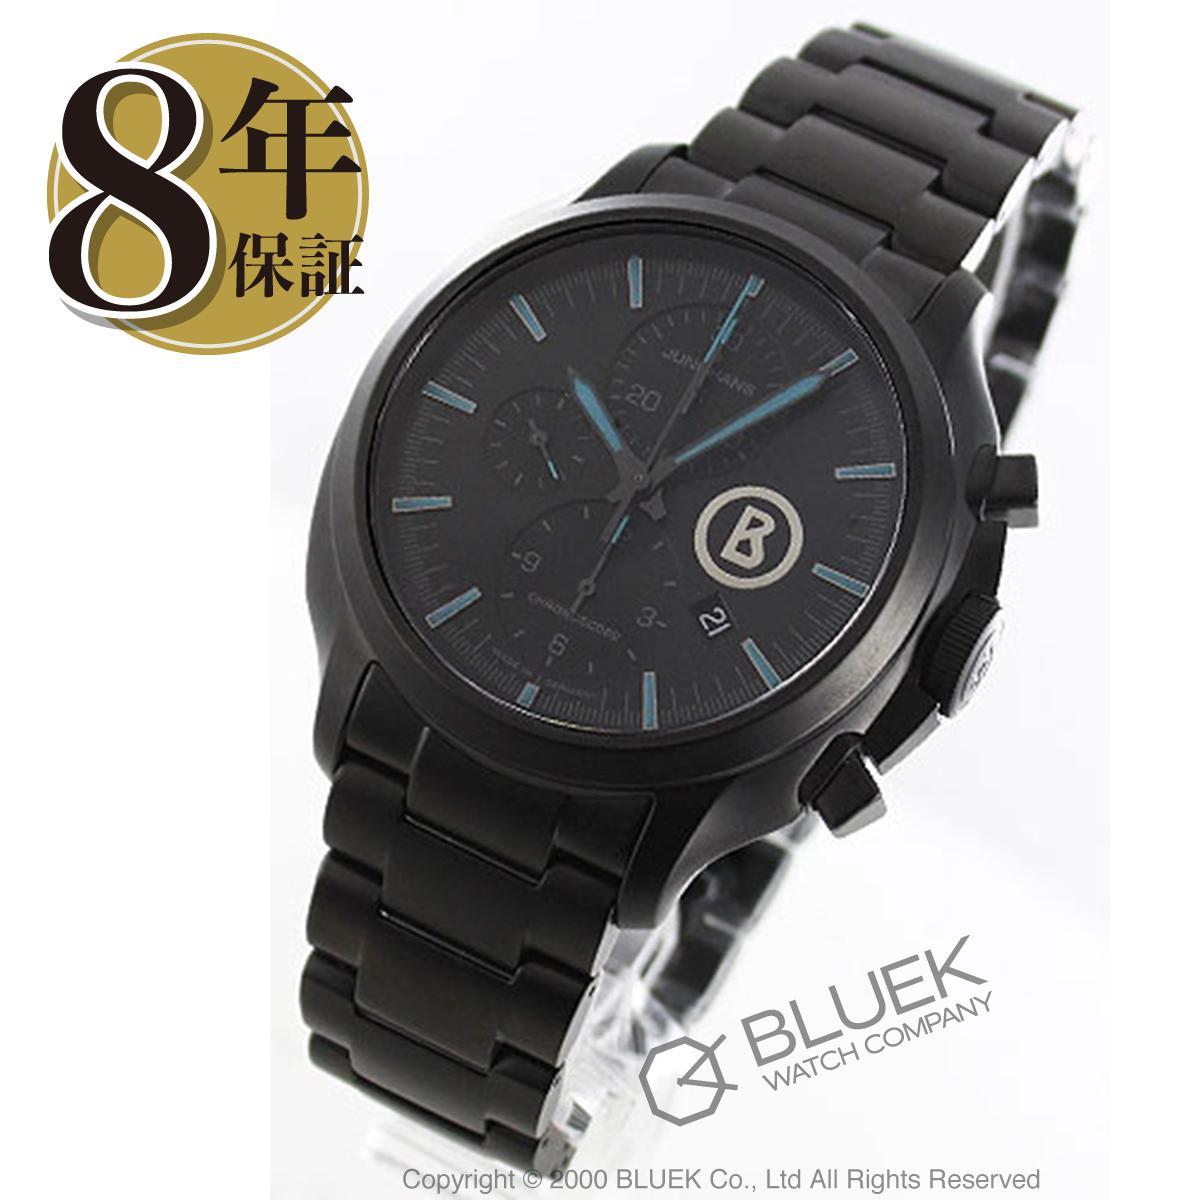 【3,000円OFFクーポン対象】ユンハンス ボグナー ウィリー クロノグラフ 腕時計 メンズ JUNGHANS 027/4363.44_8